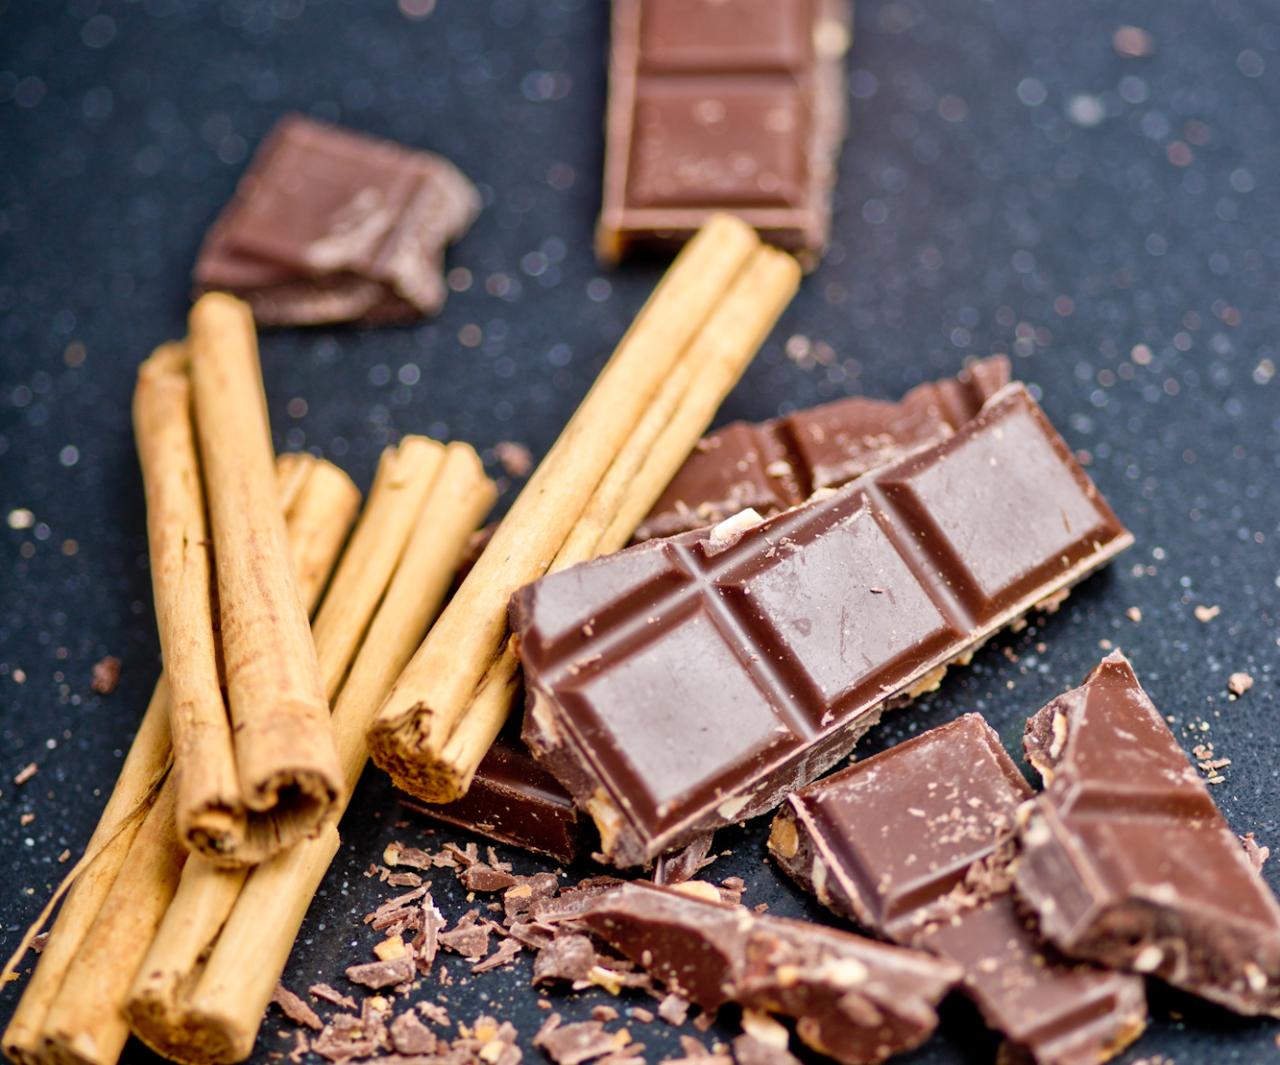 Aalst Chocolate Edited-611_edited.jpg